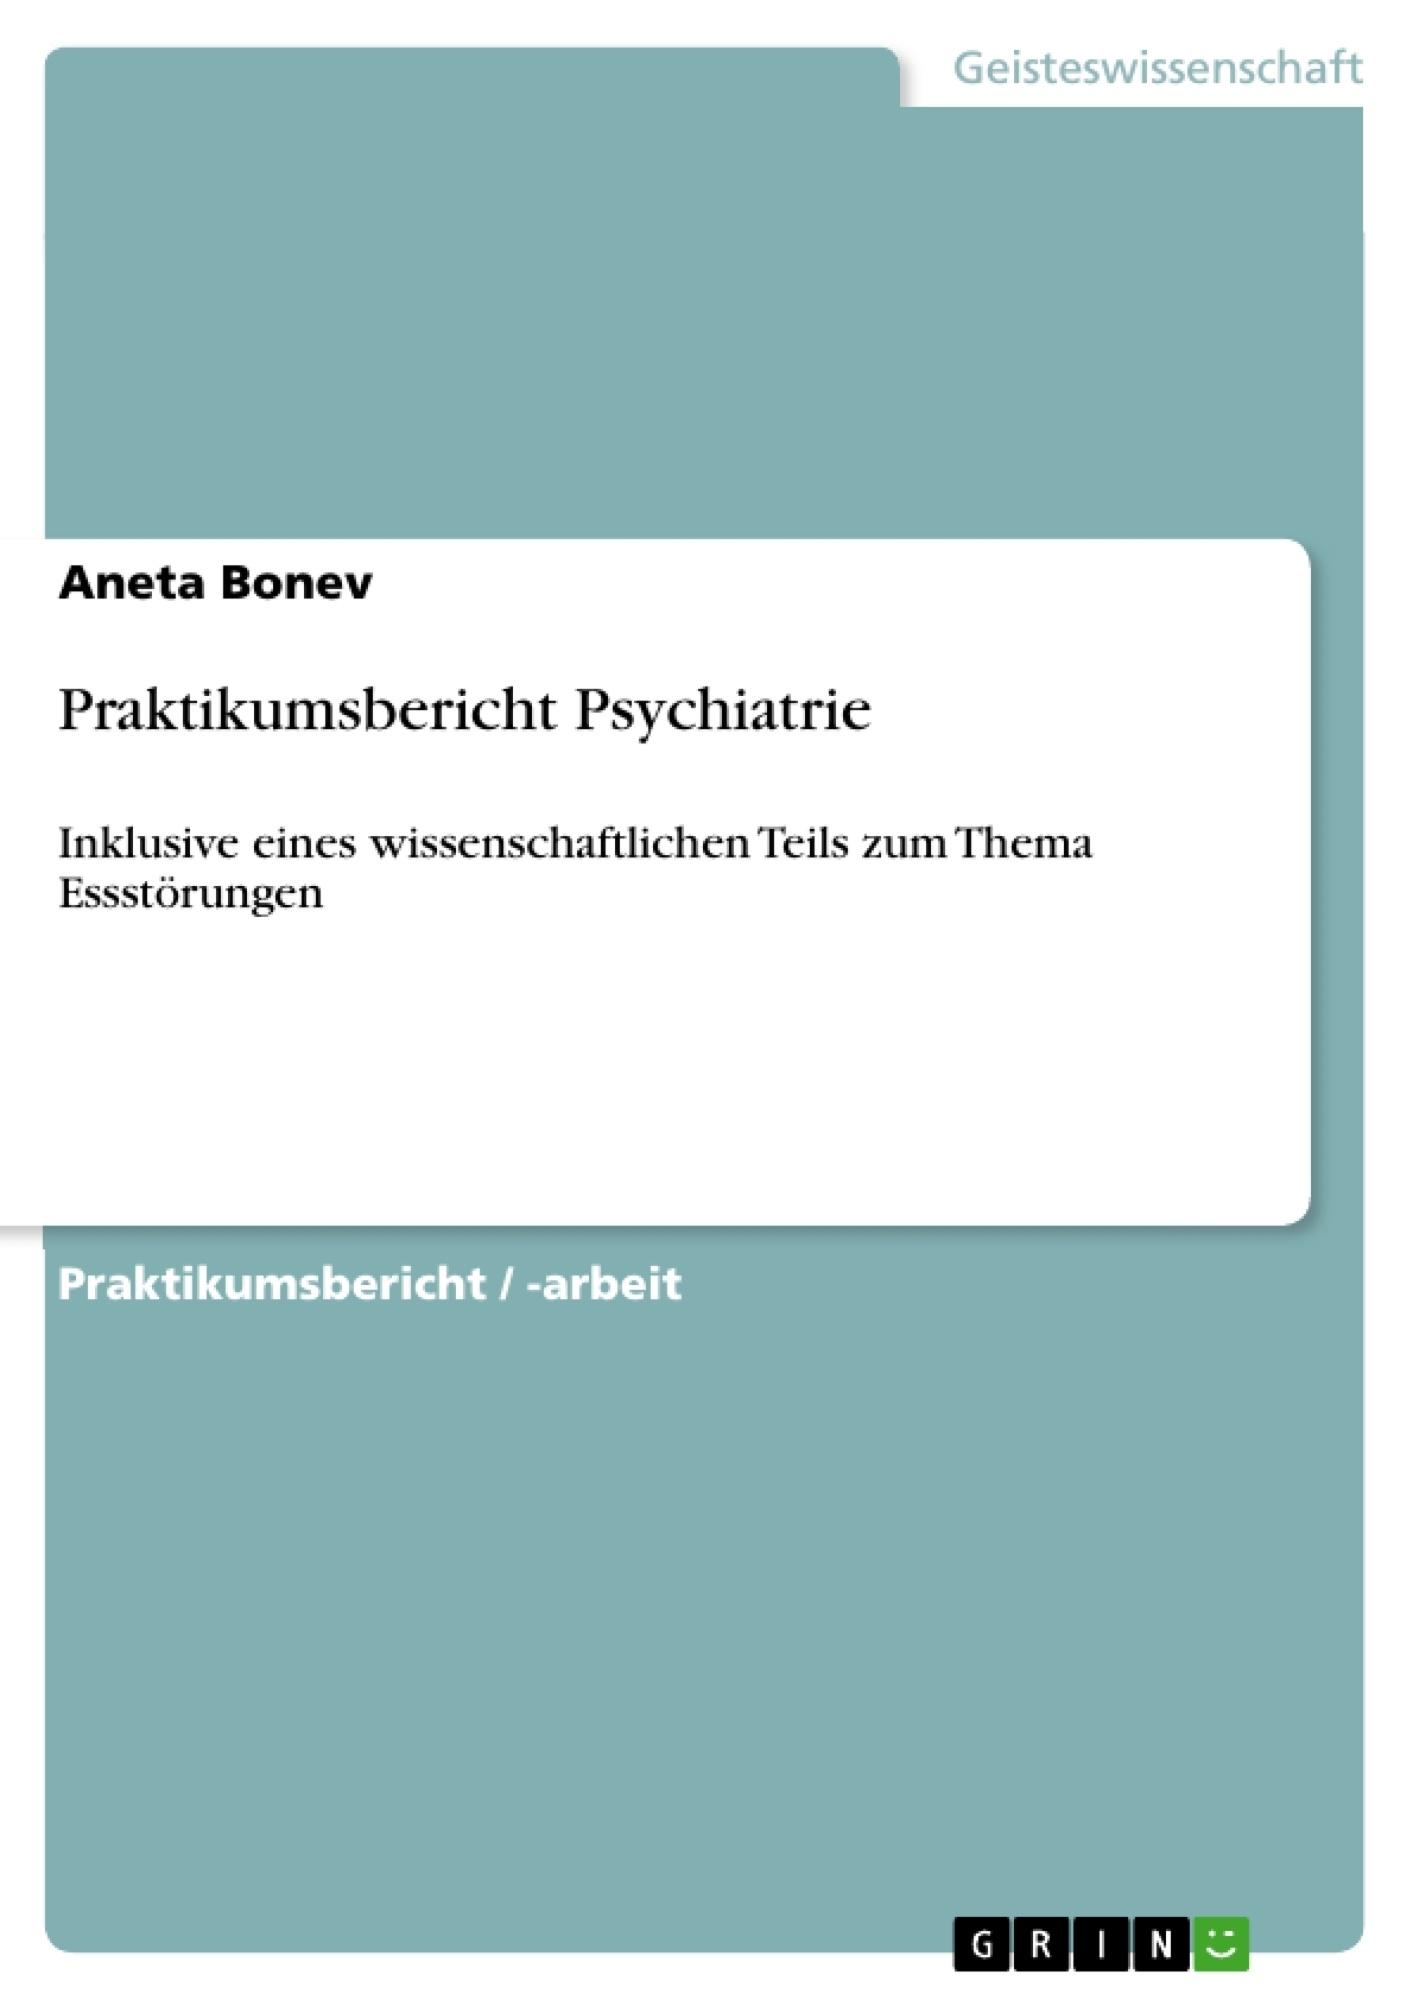 Titel: Praktikumsbericht Psychiatrie